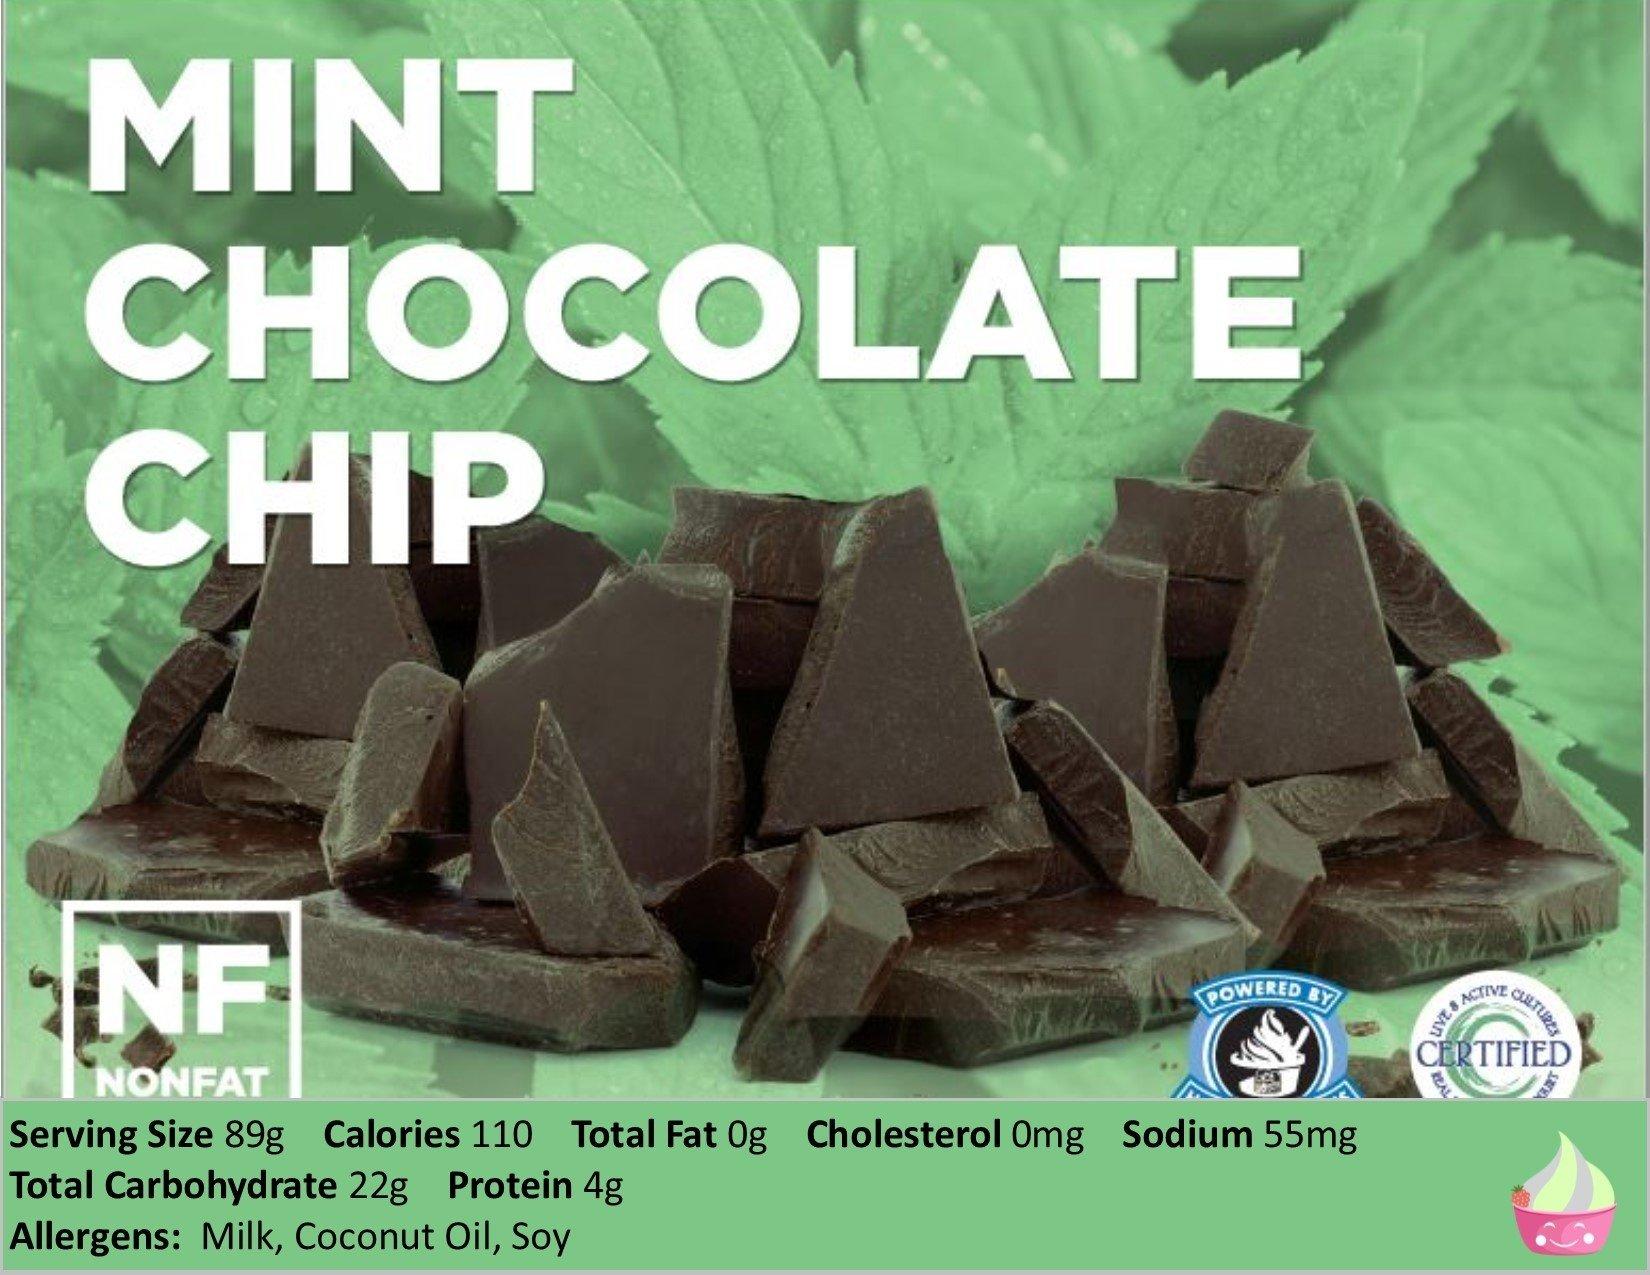 https://0201.nccdn.net/1_2/000/000/099/44a/Chocolate-Mint-Chip-NF-1650x1275-1650x1275.jpg